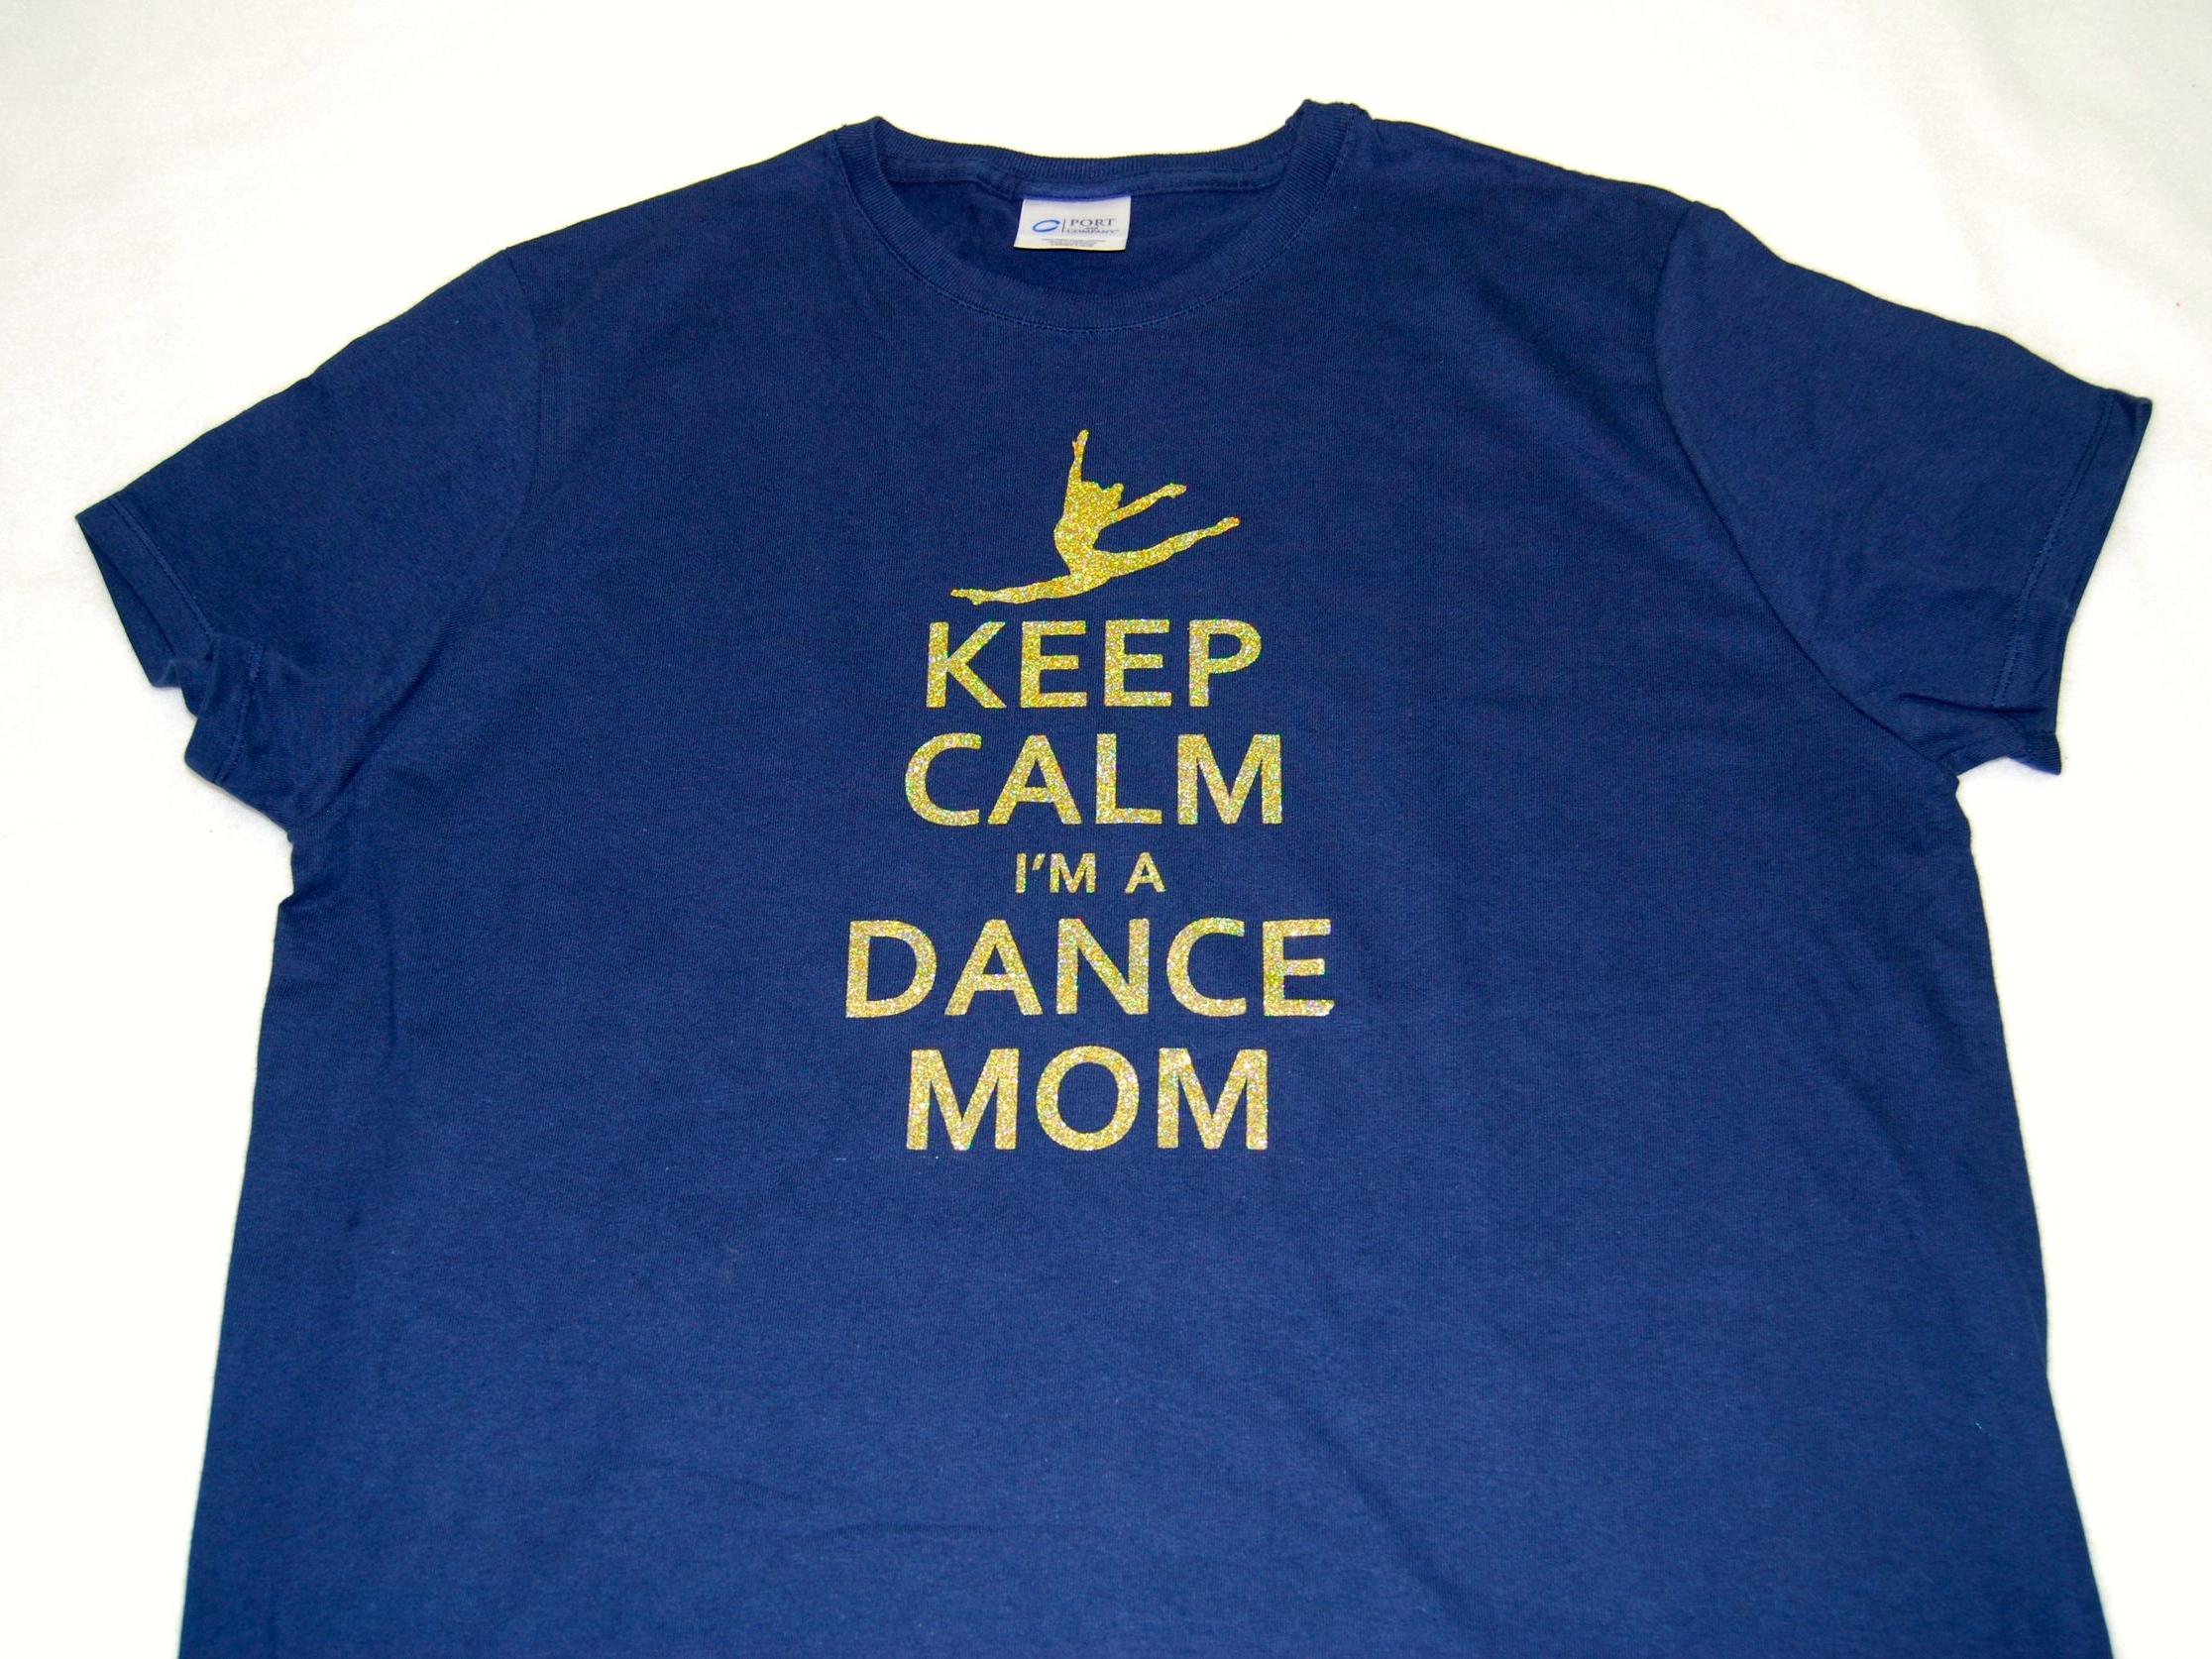 Keep Calm I'm A Dance Mom in gold glitter